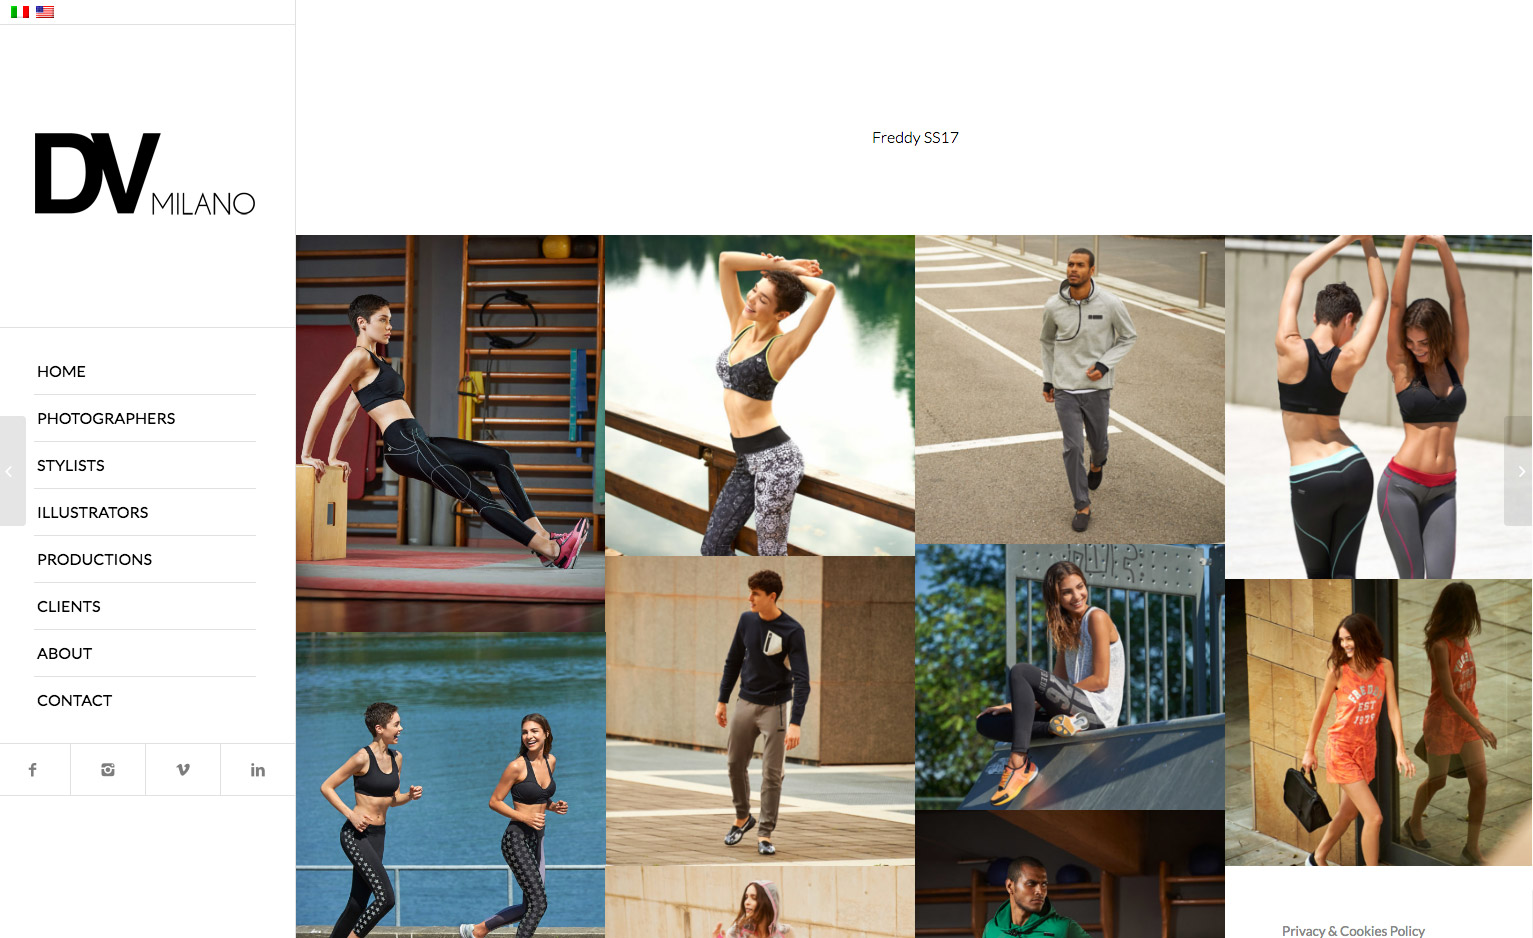 Web design e SEO per Dv Milano